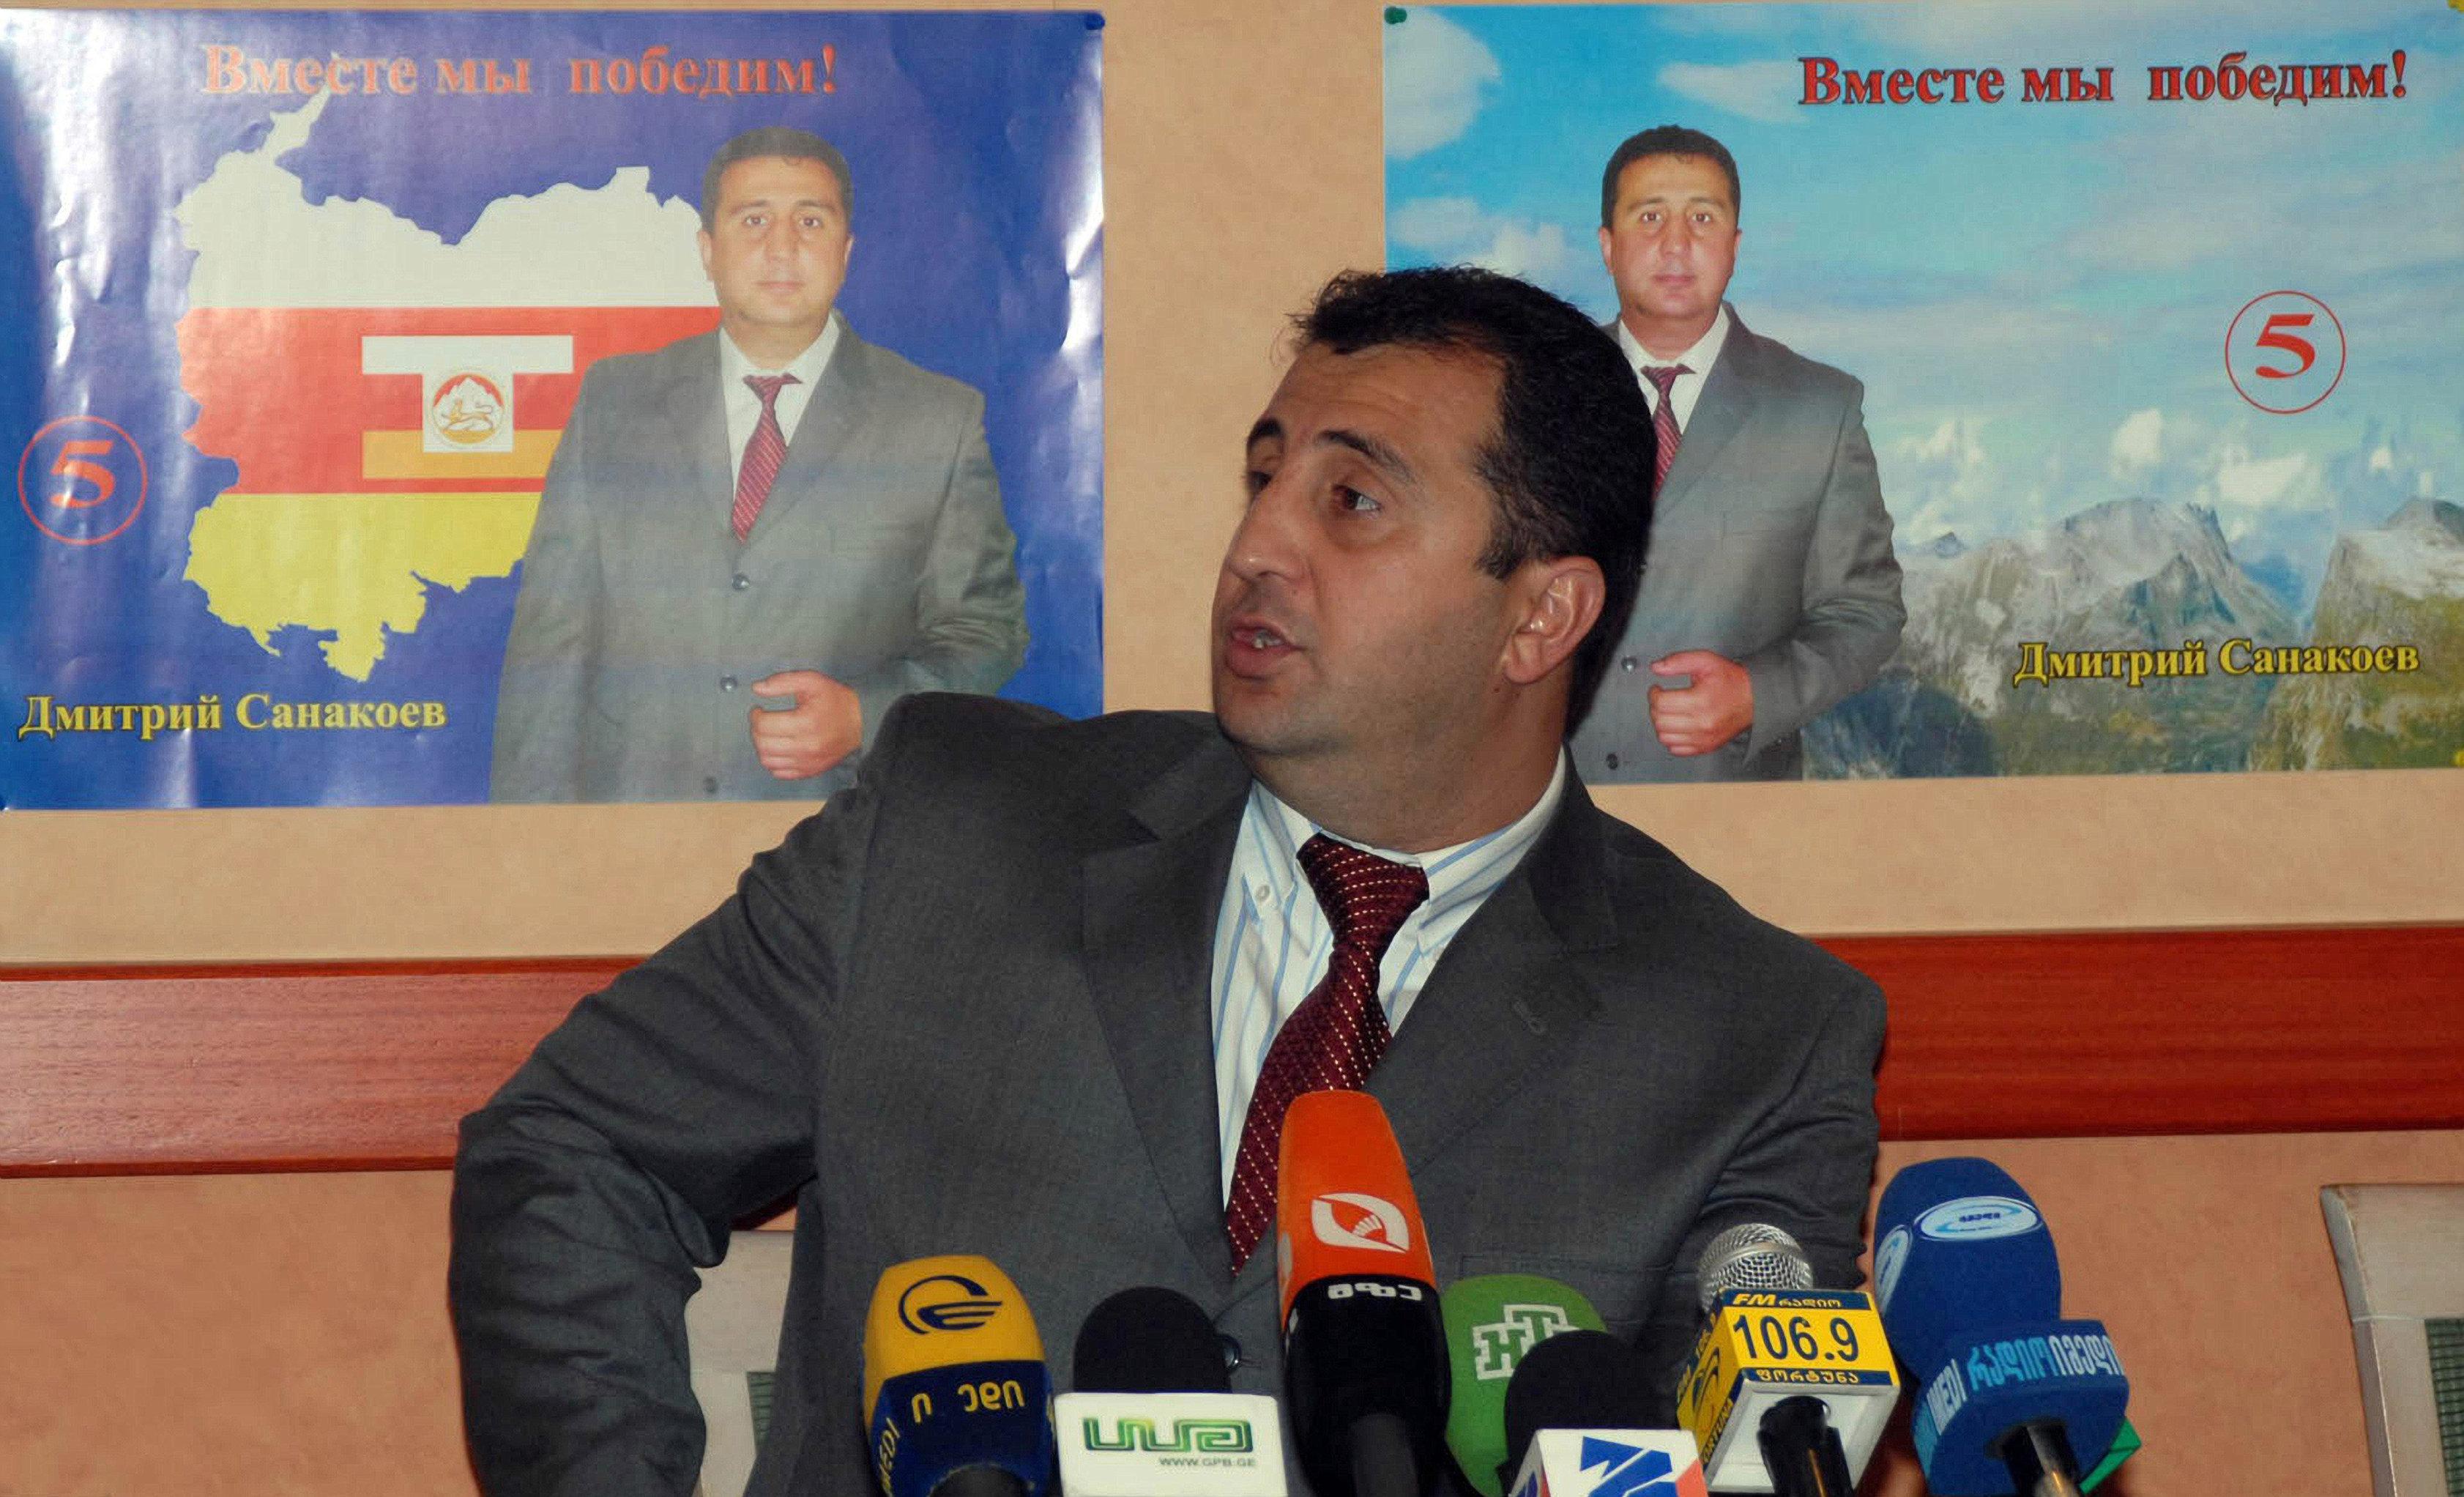 Глава временного правительства Южной Осетии Дмитрий Санакоев